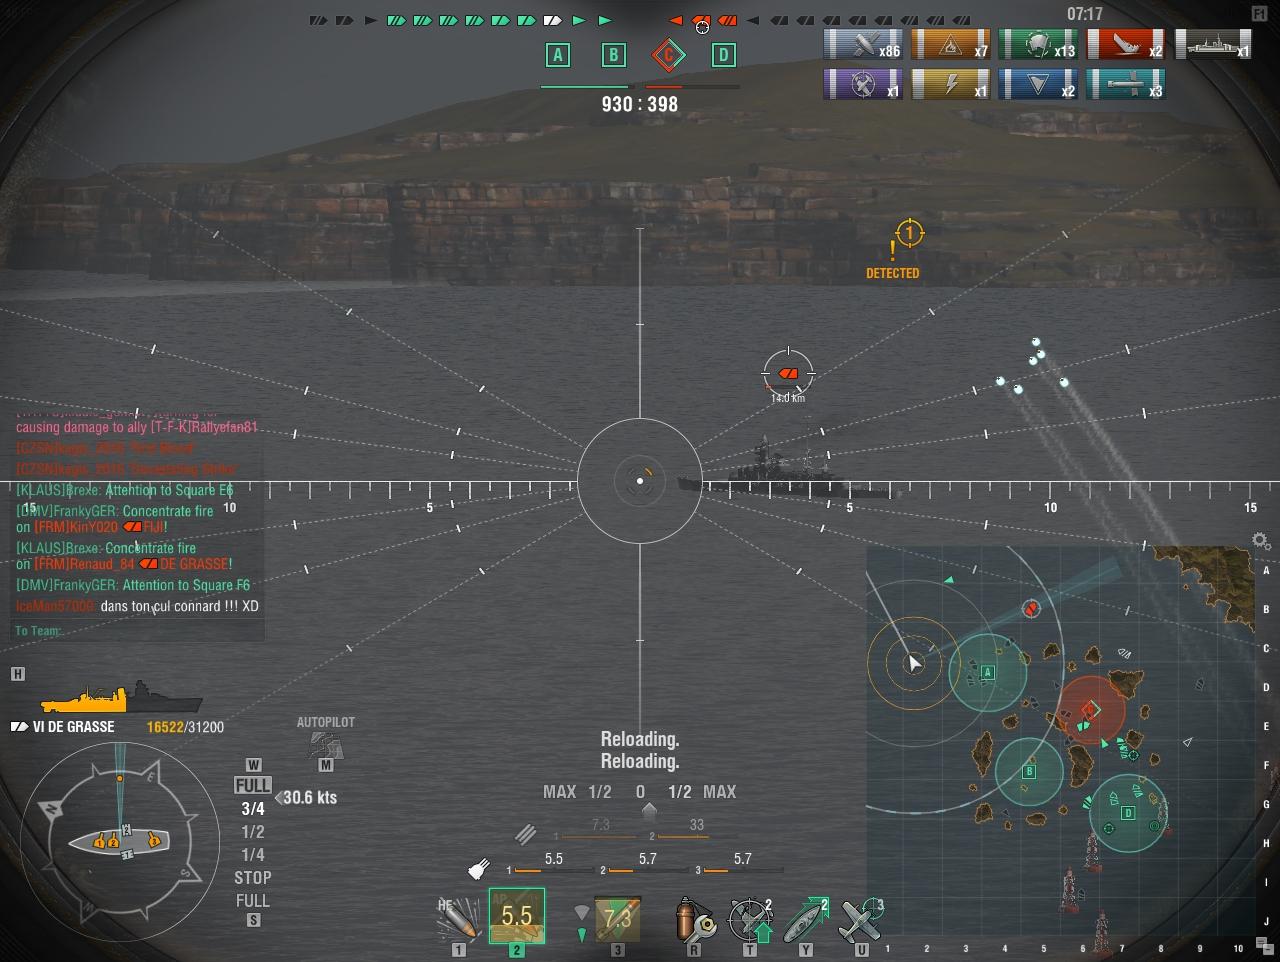 shot-17.11.18_23.41.12-0762.jpg